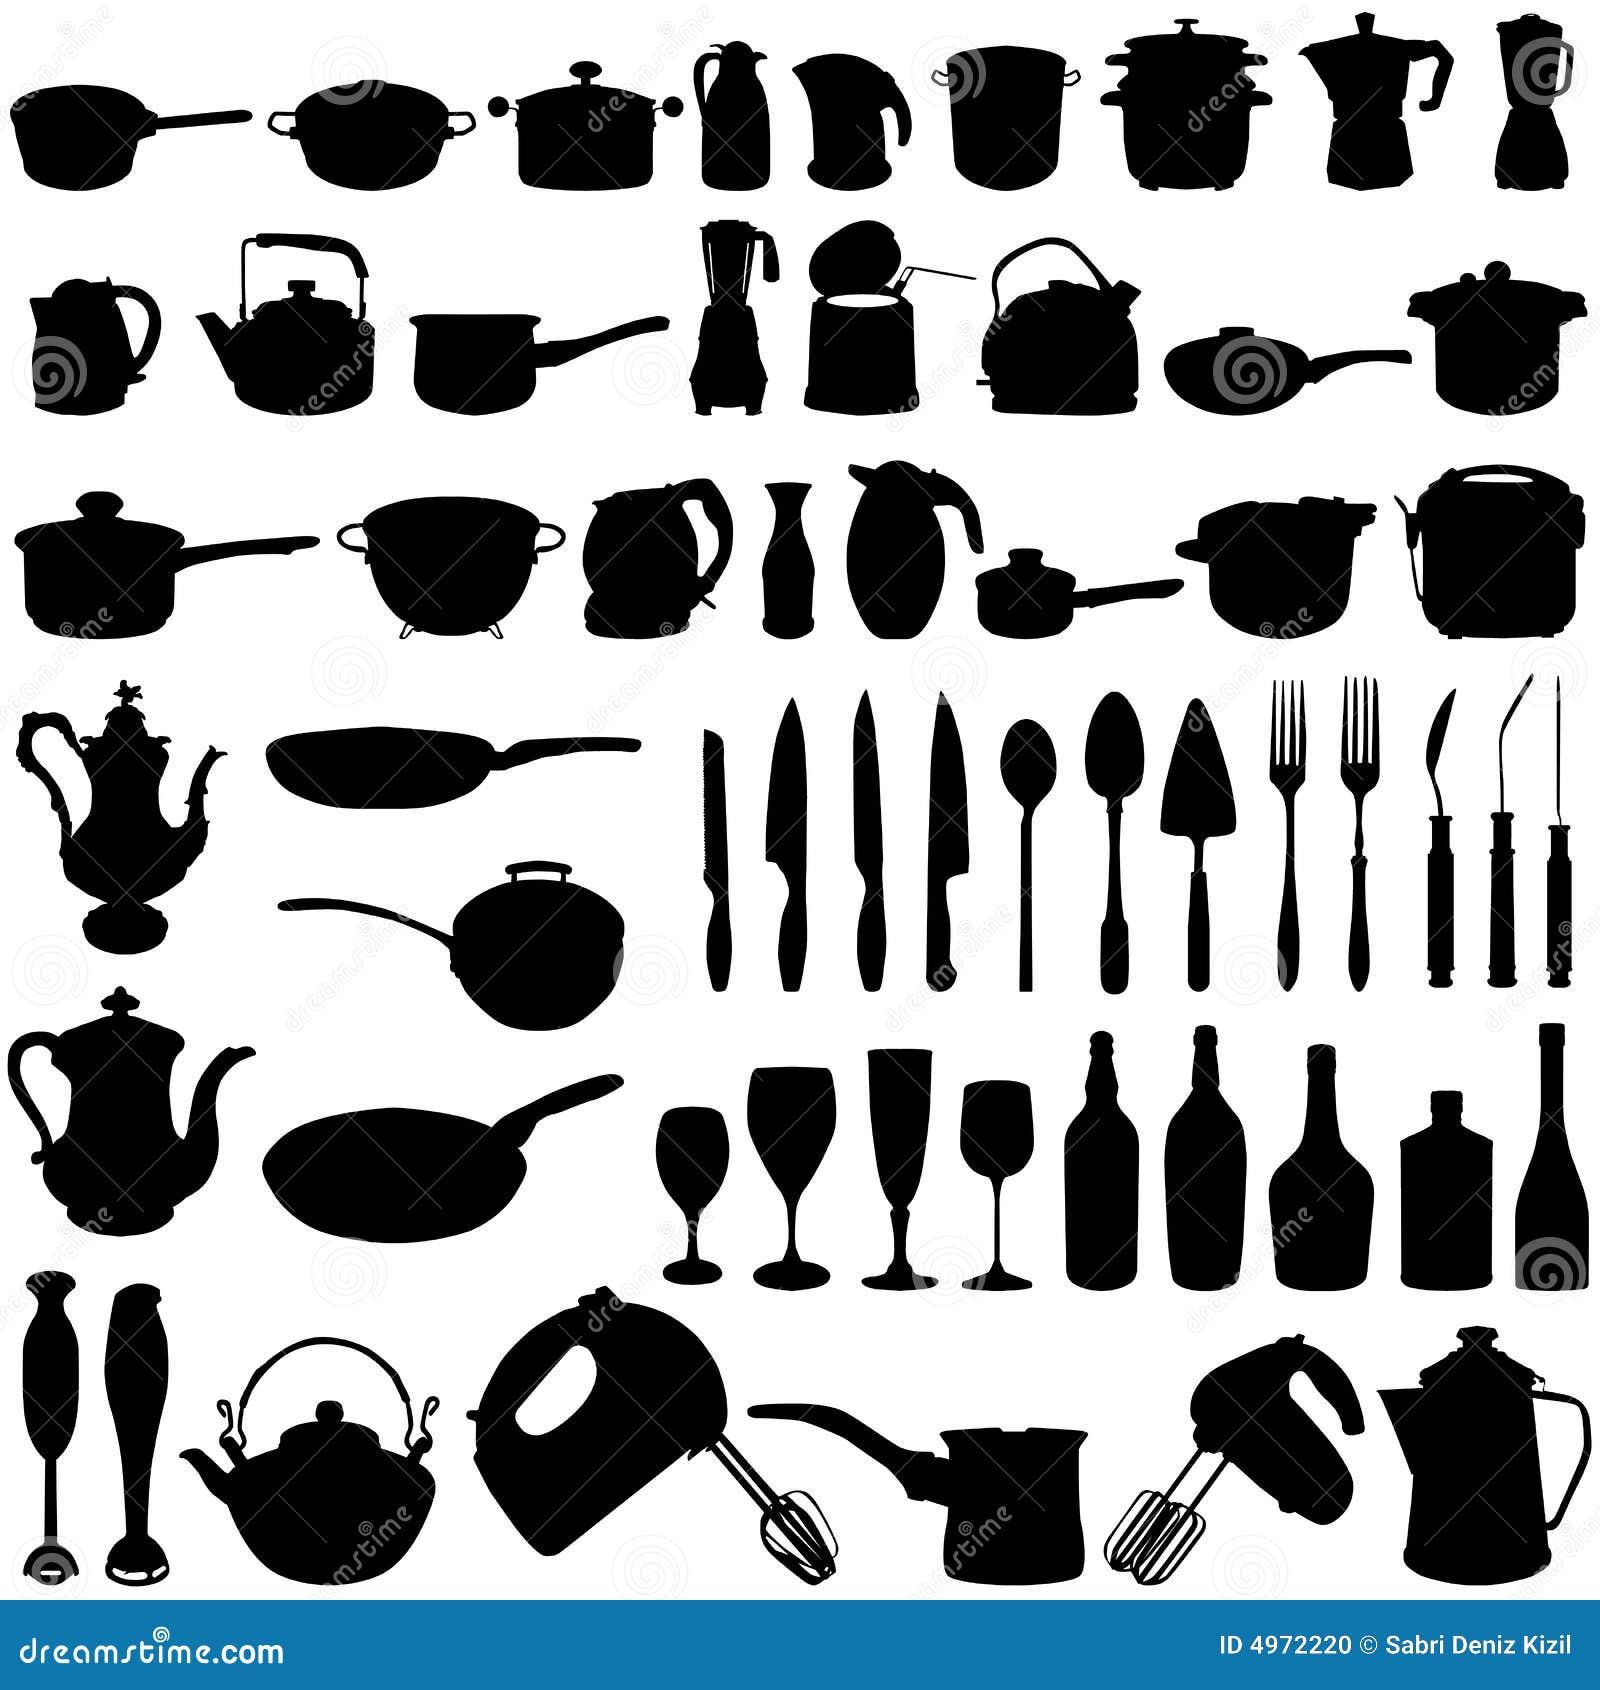 Objets de cuisine photo stock image 4972220 - Objet cuisine ...